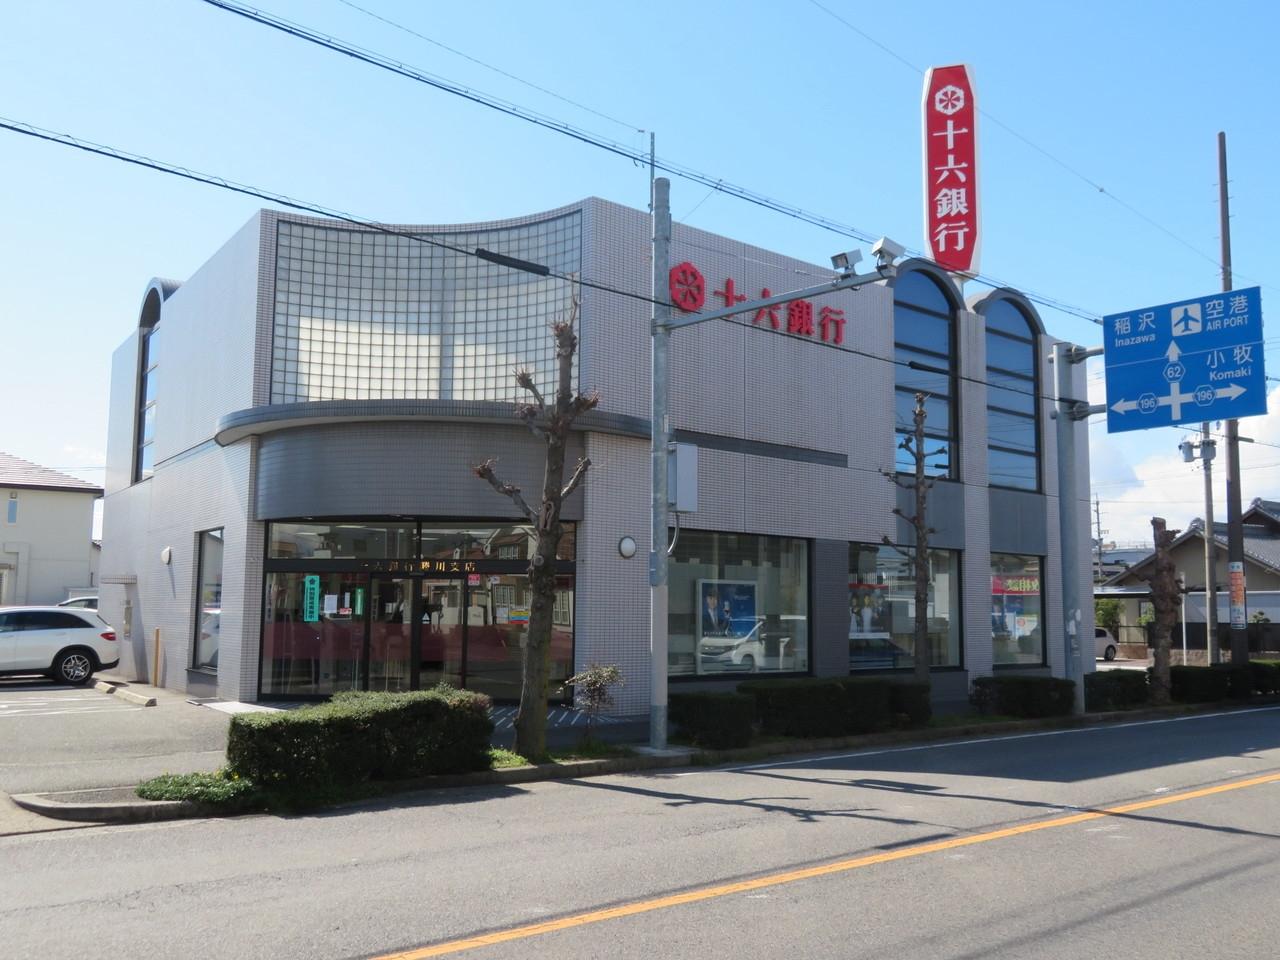 十六銀行 勝川支店